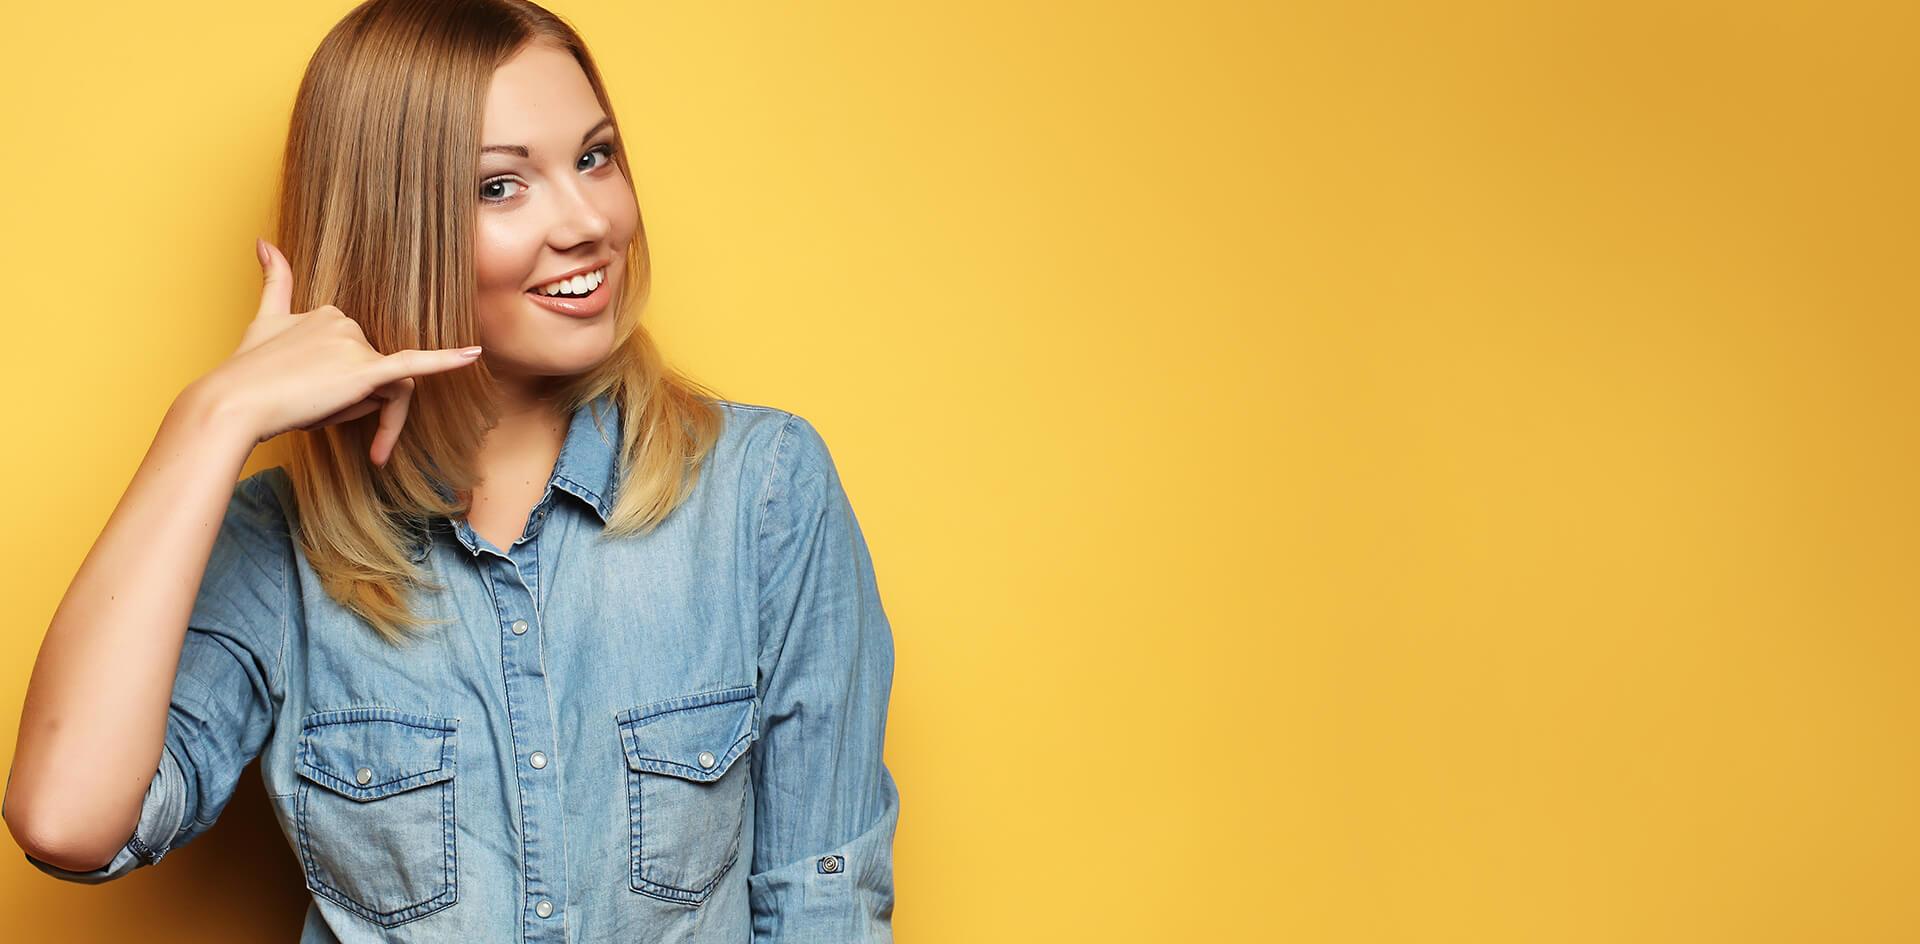 donna su sfondo giallo